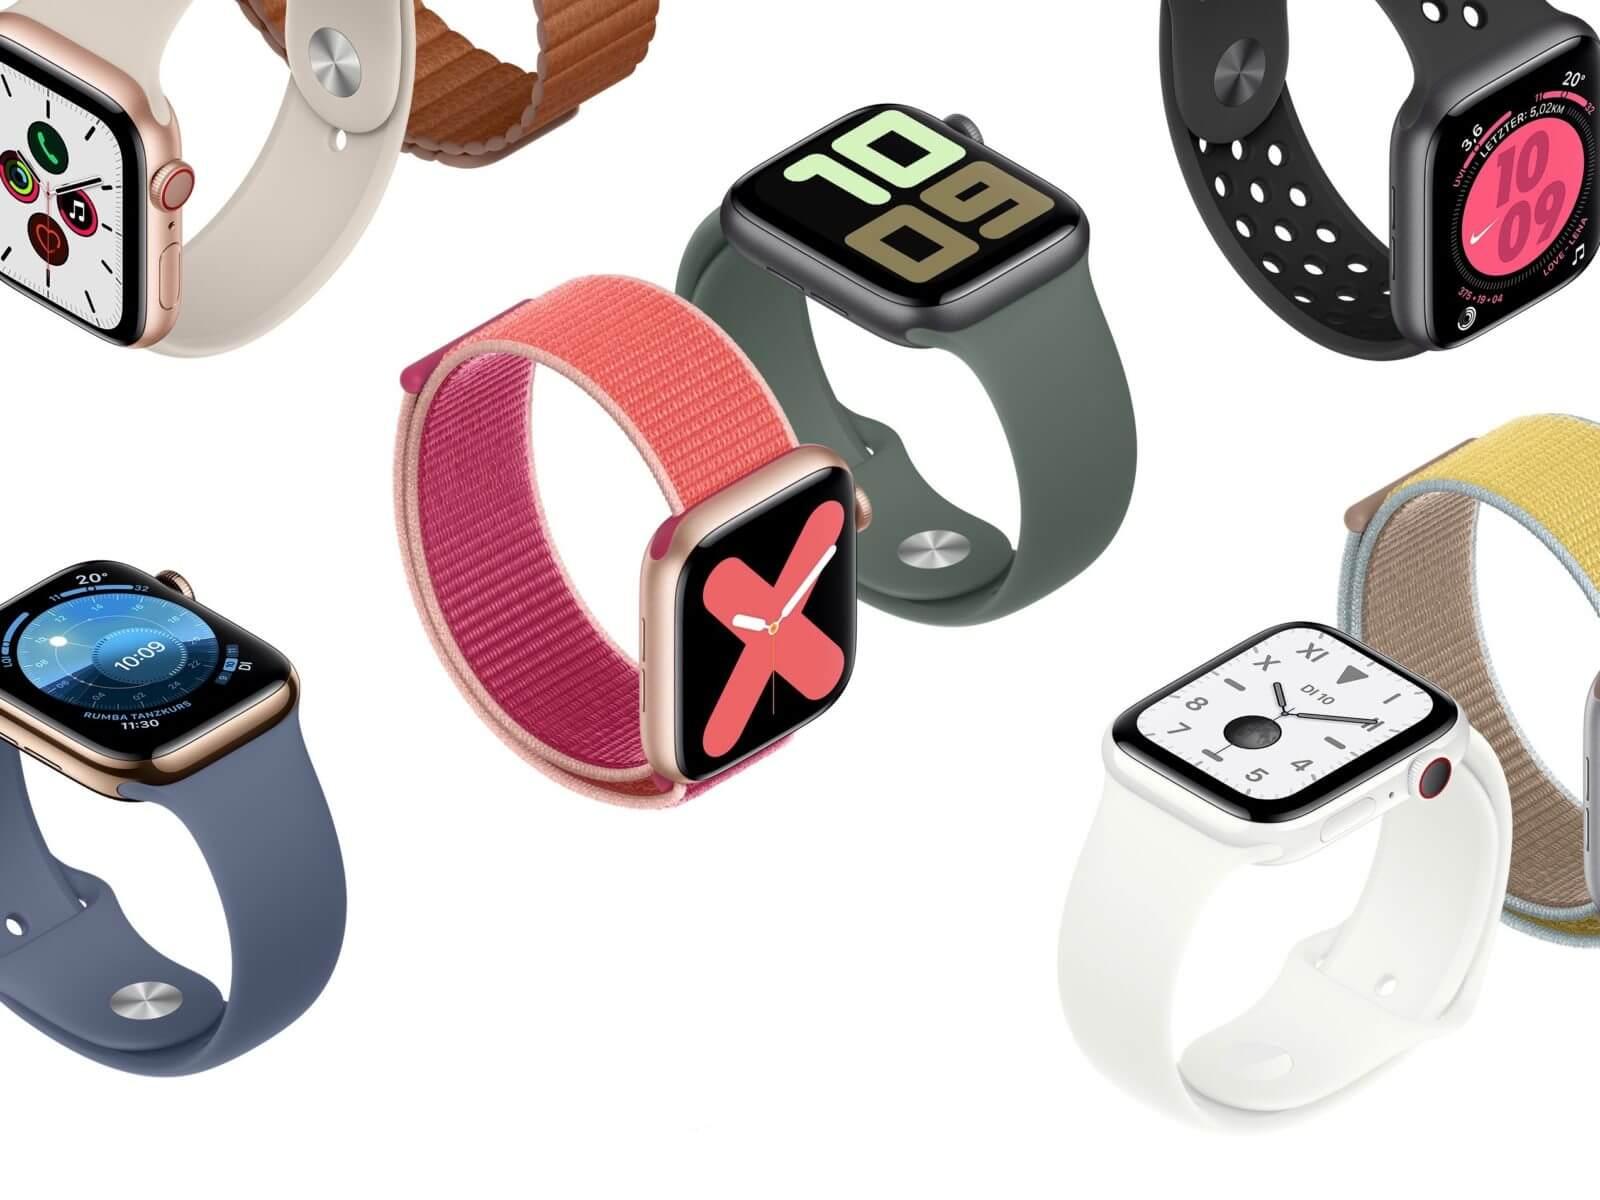 Apple Watch Titan vs. Apple Watch Alu